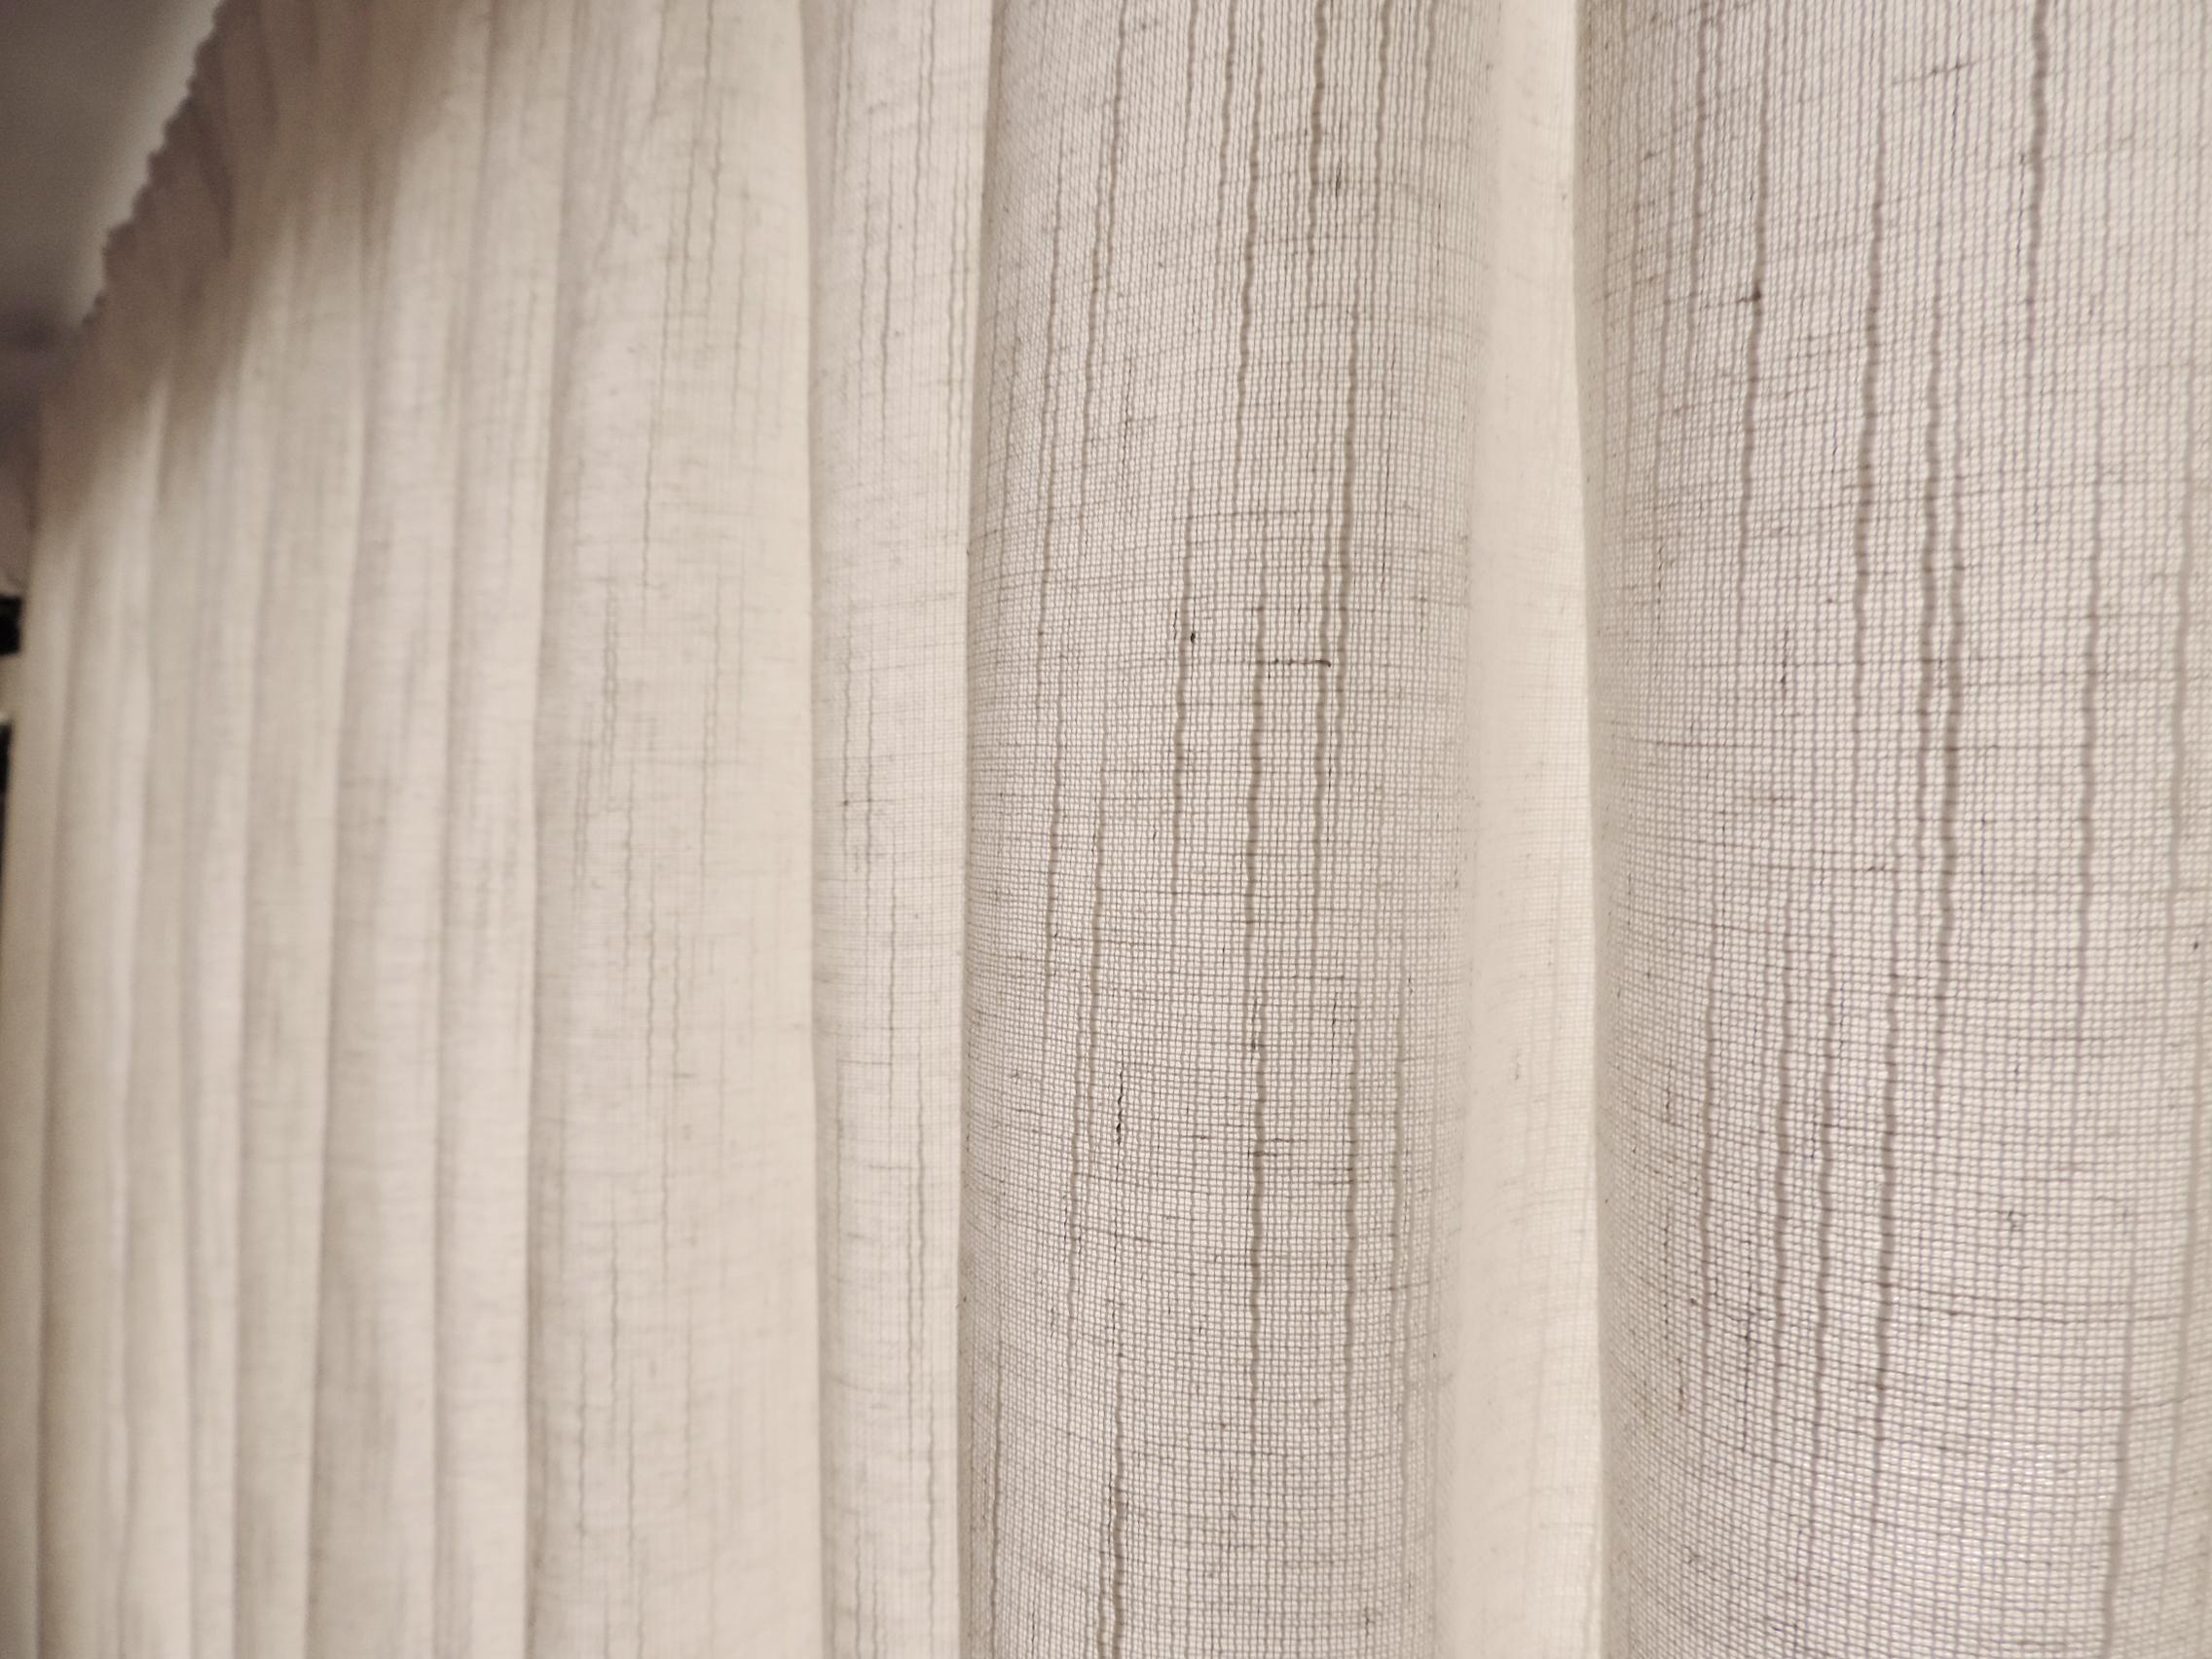 cortina gasa rustica2